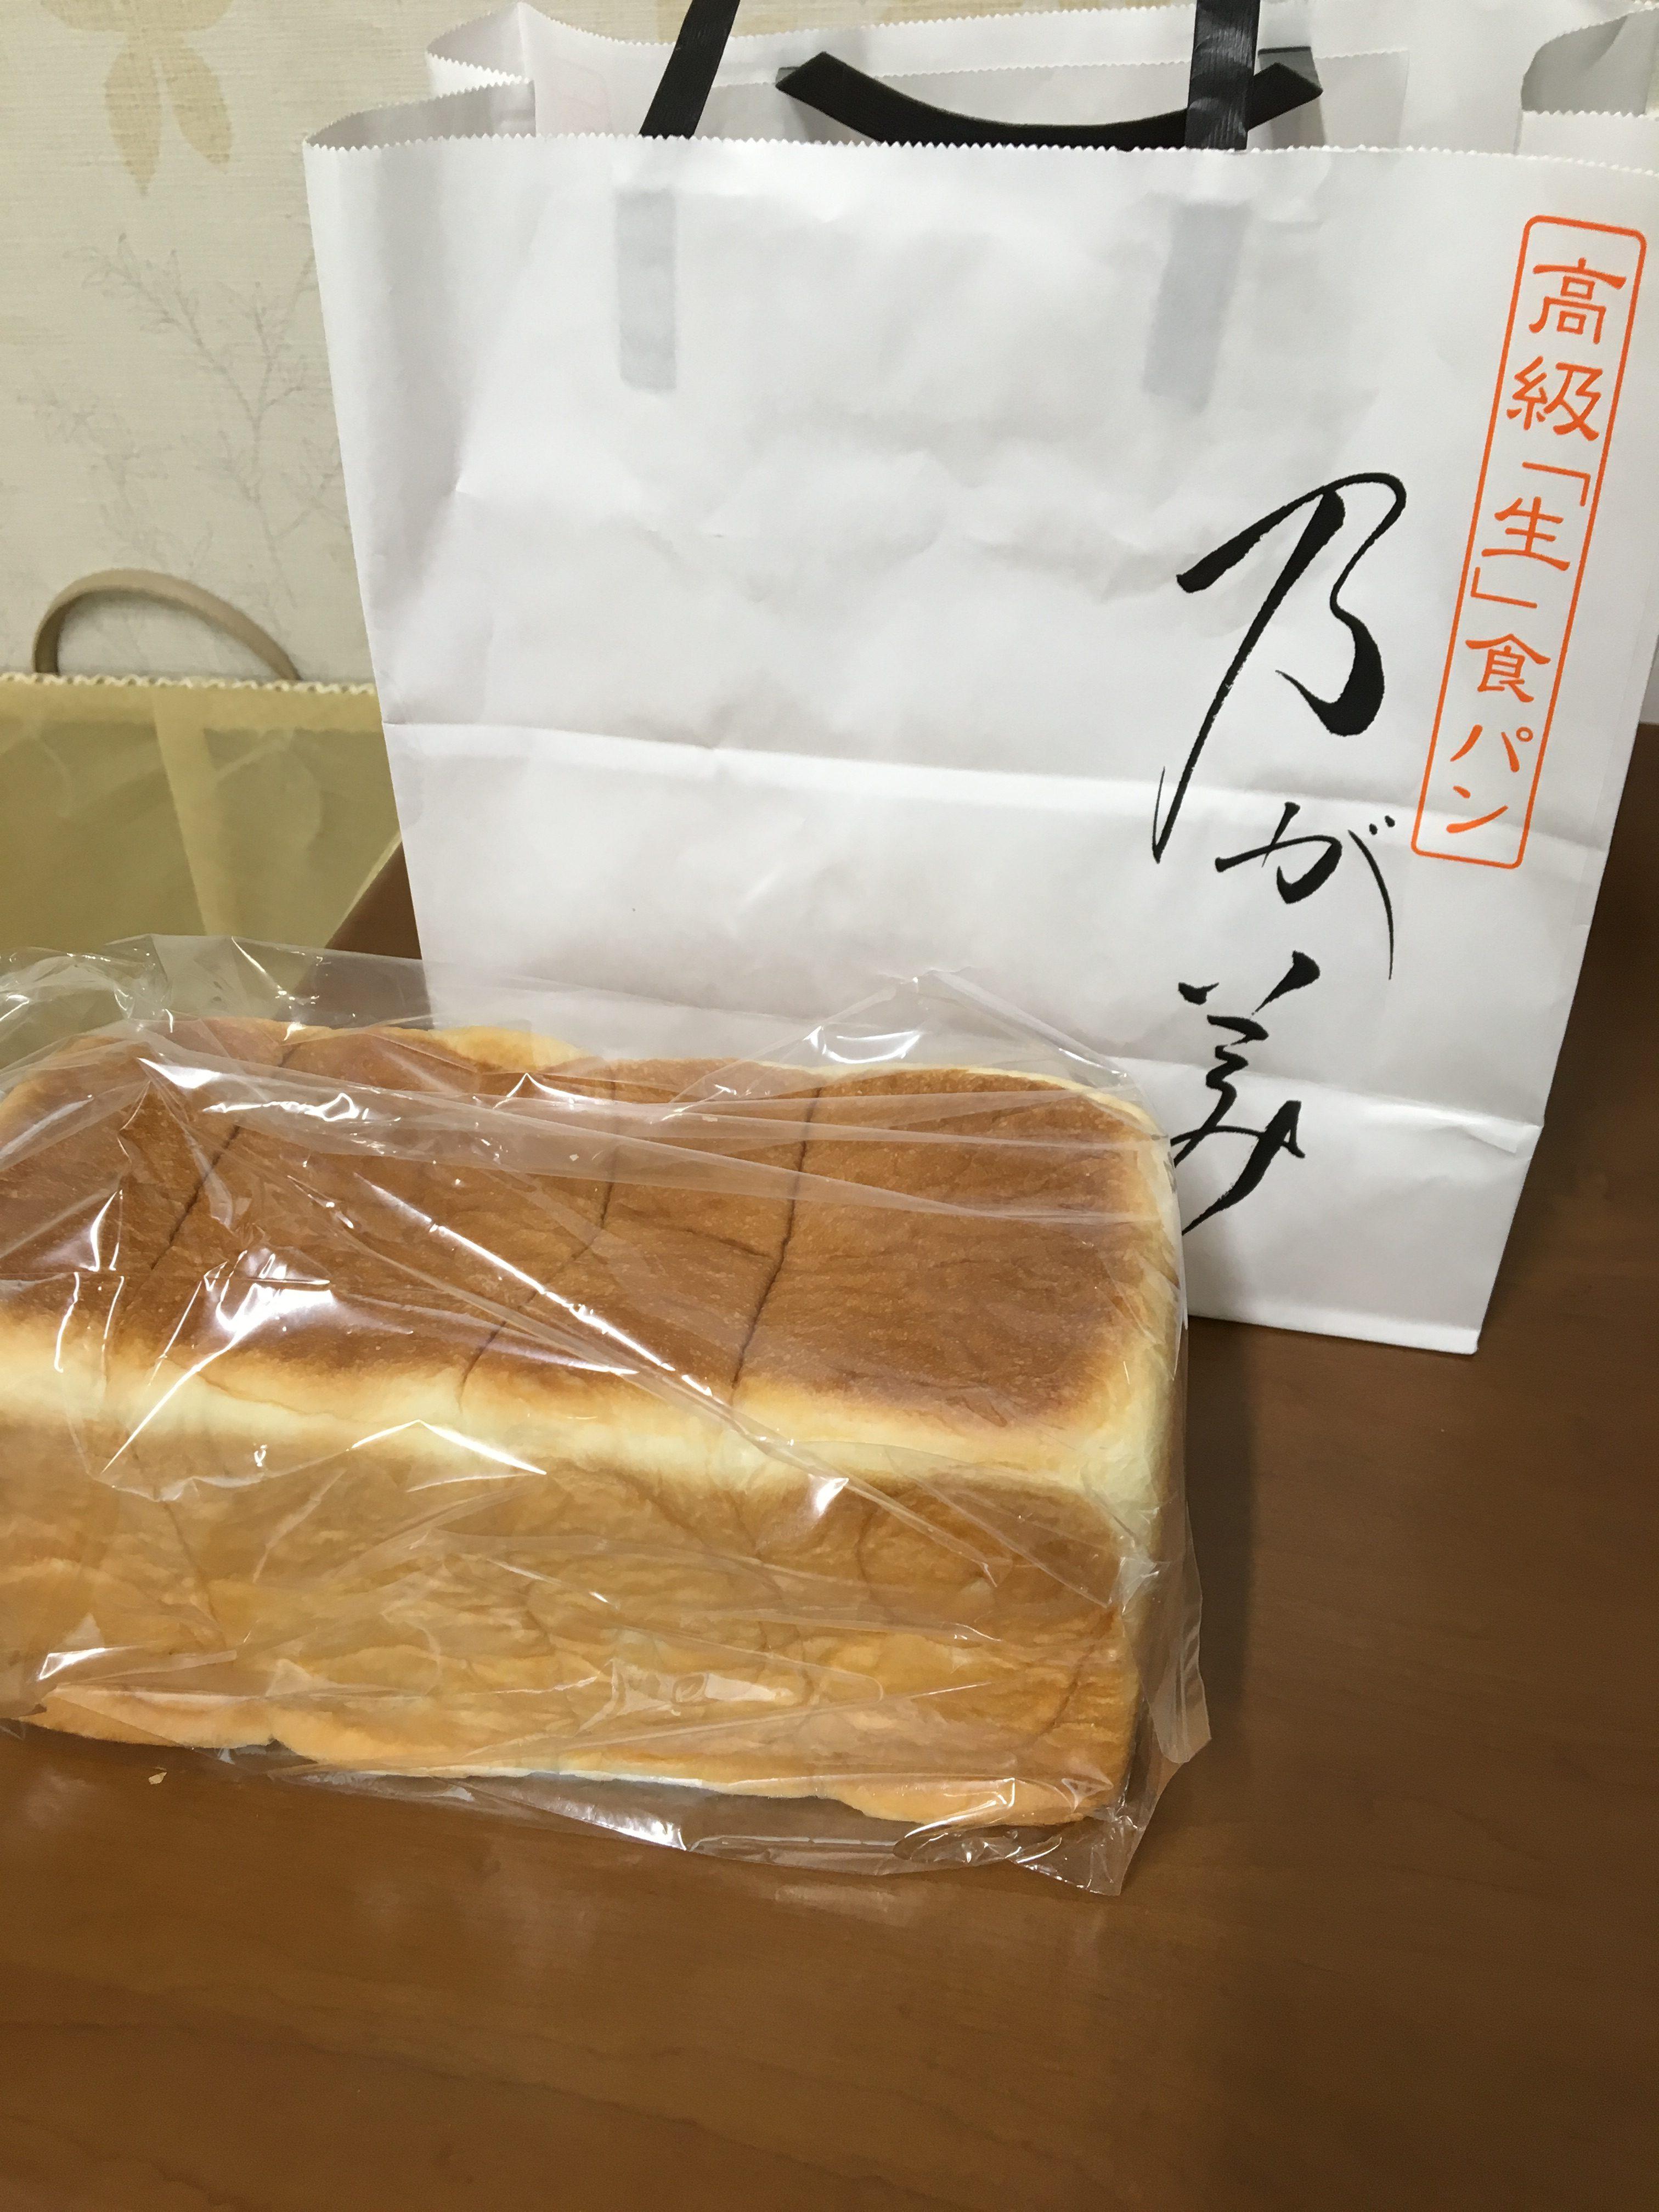 のがみの食パンとモロゾフのチーズケーキ頂きました!